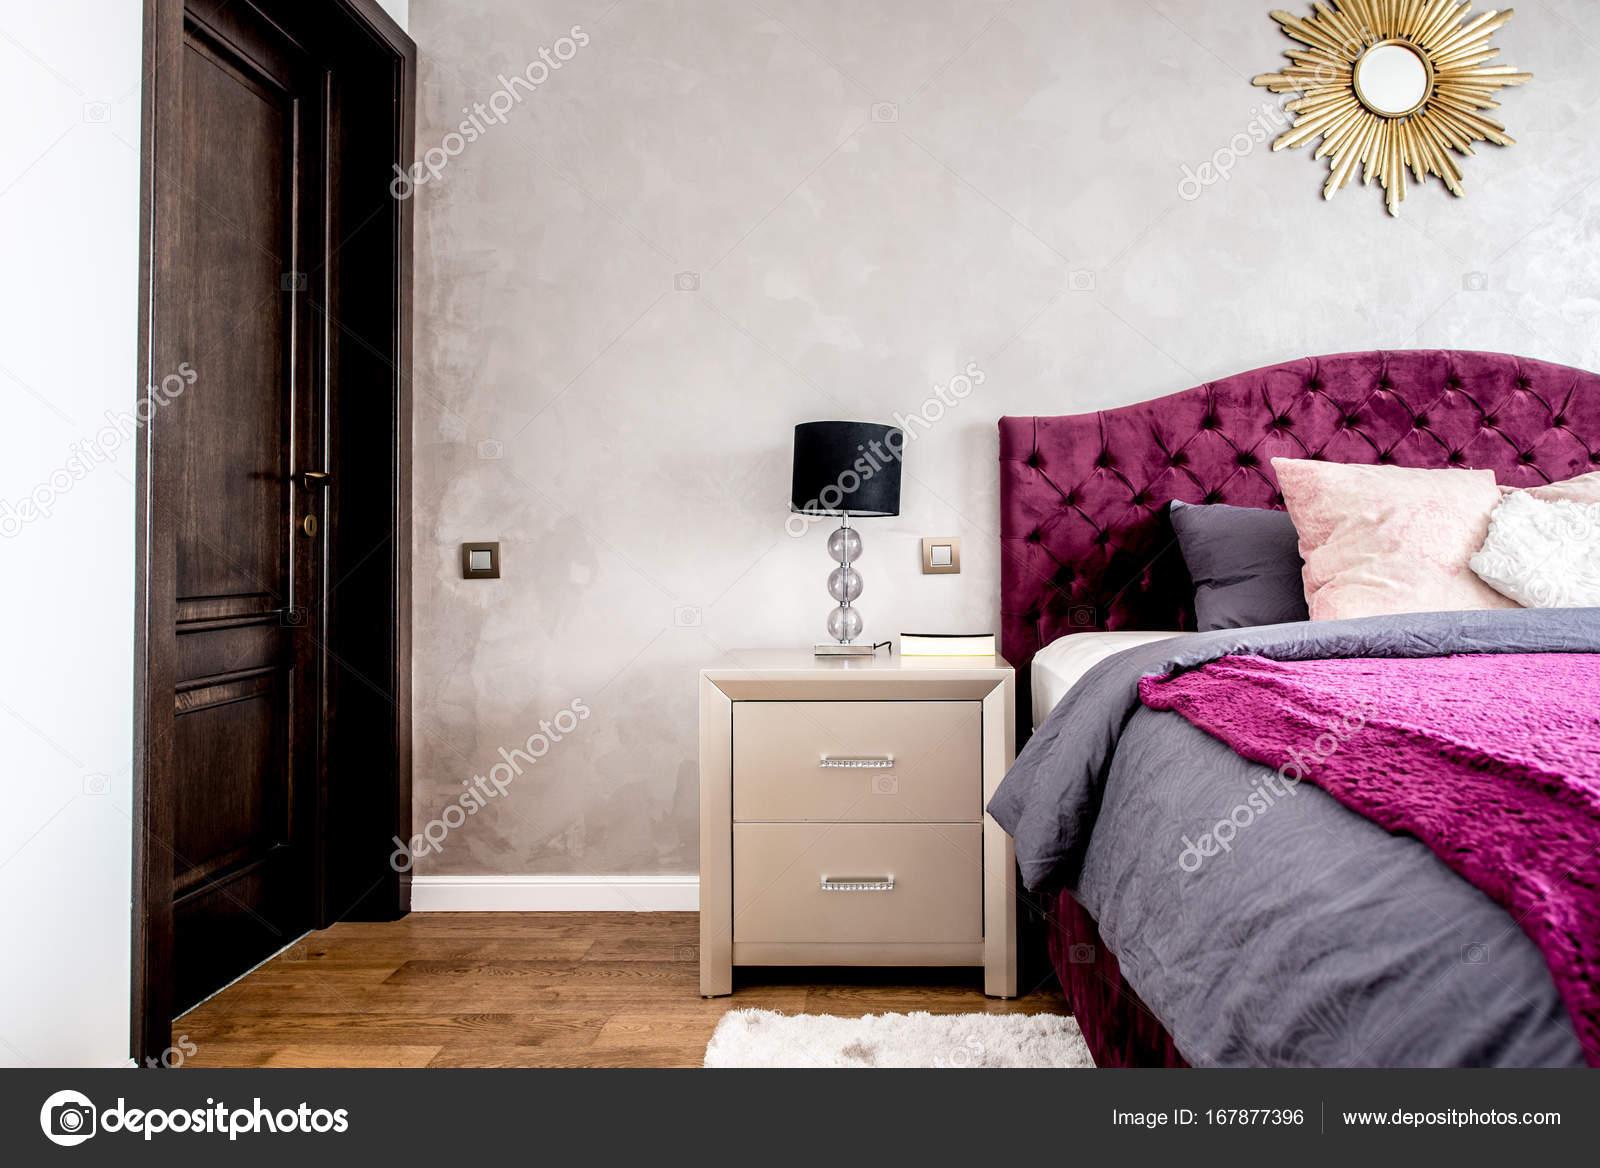 Dettagli camera da letto matrimoniale, parquet, arredamento moderno ...